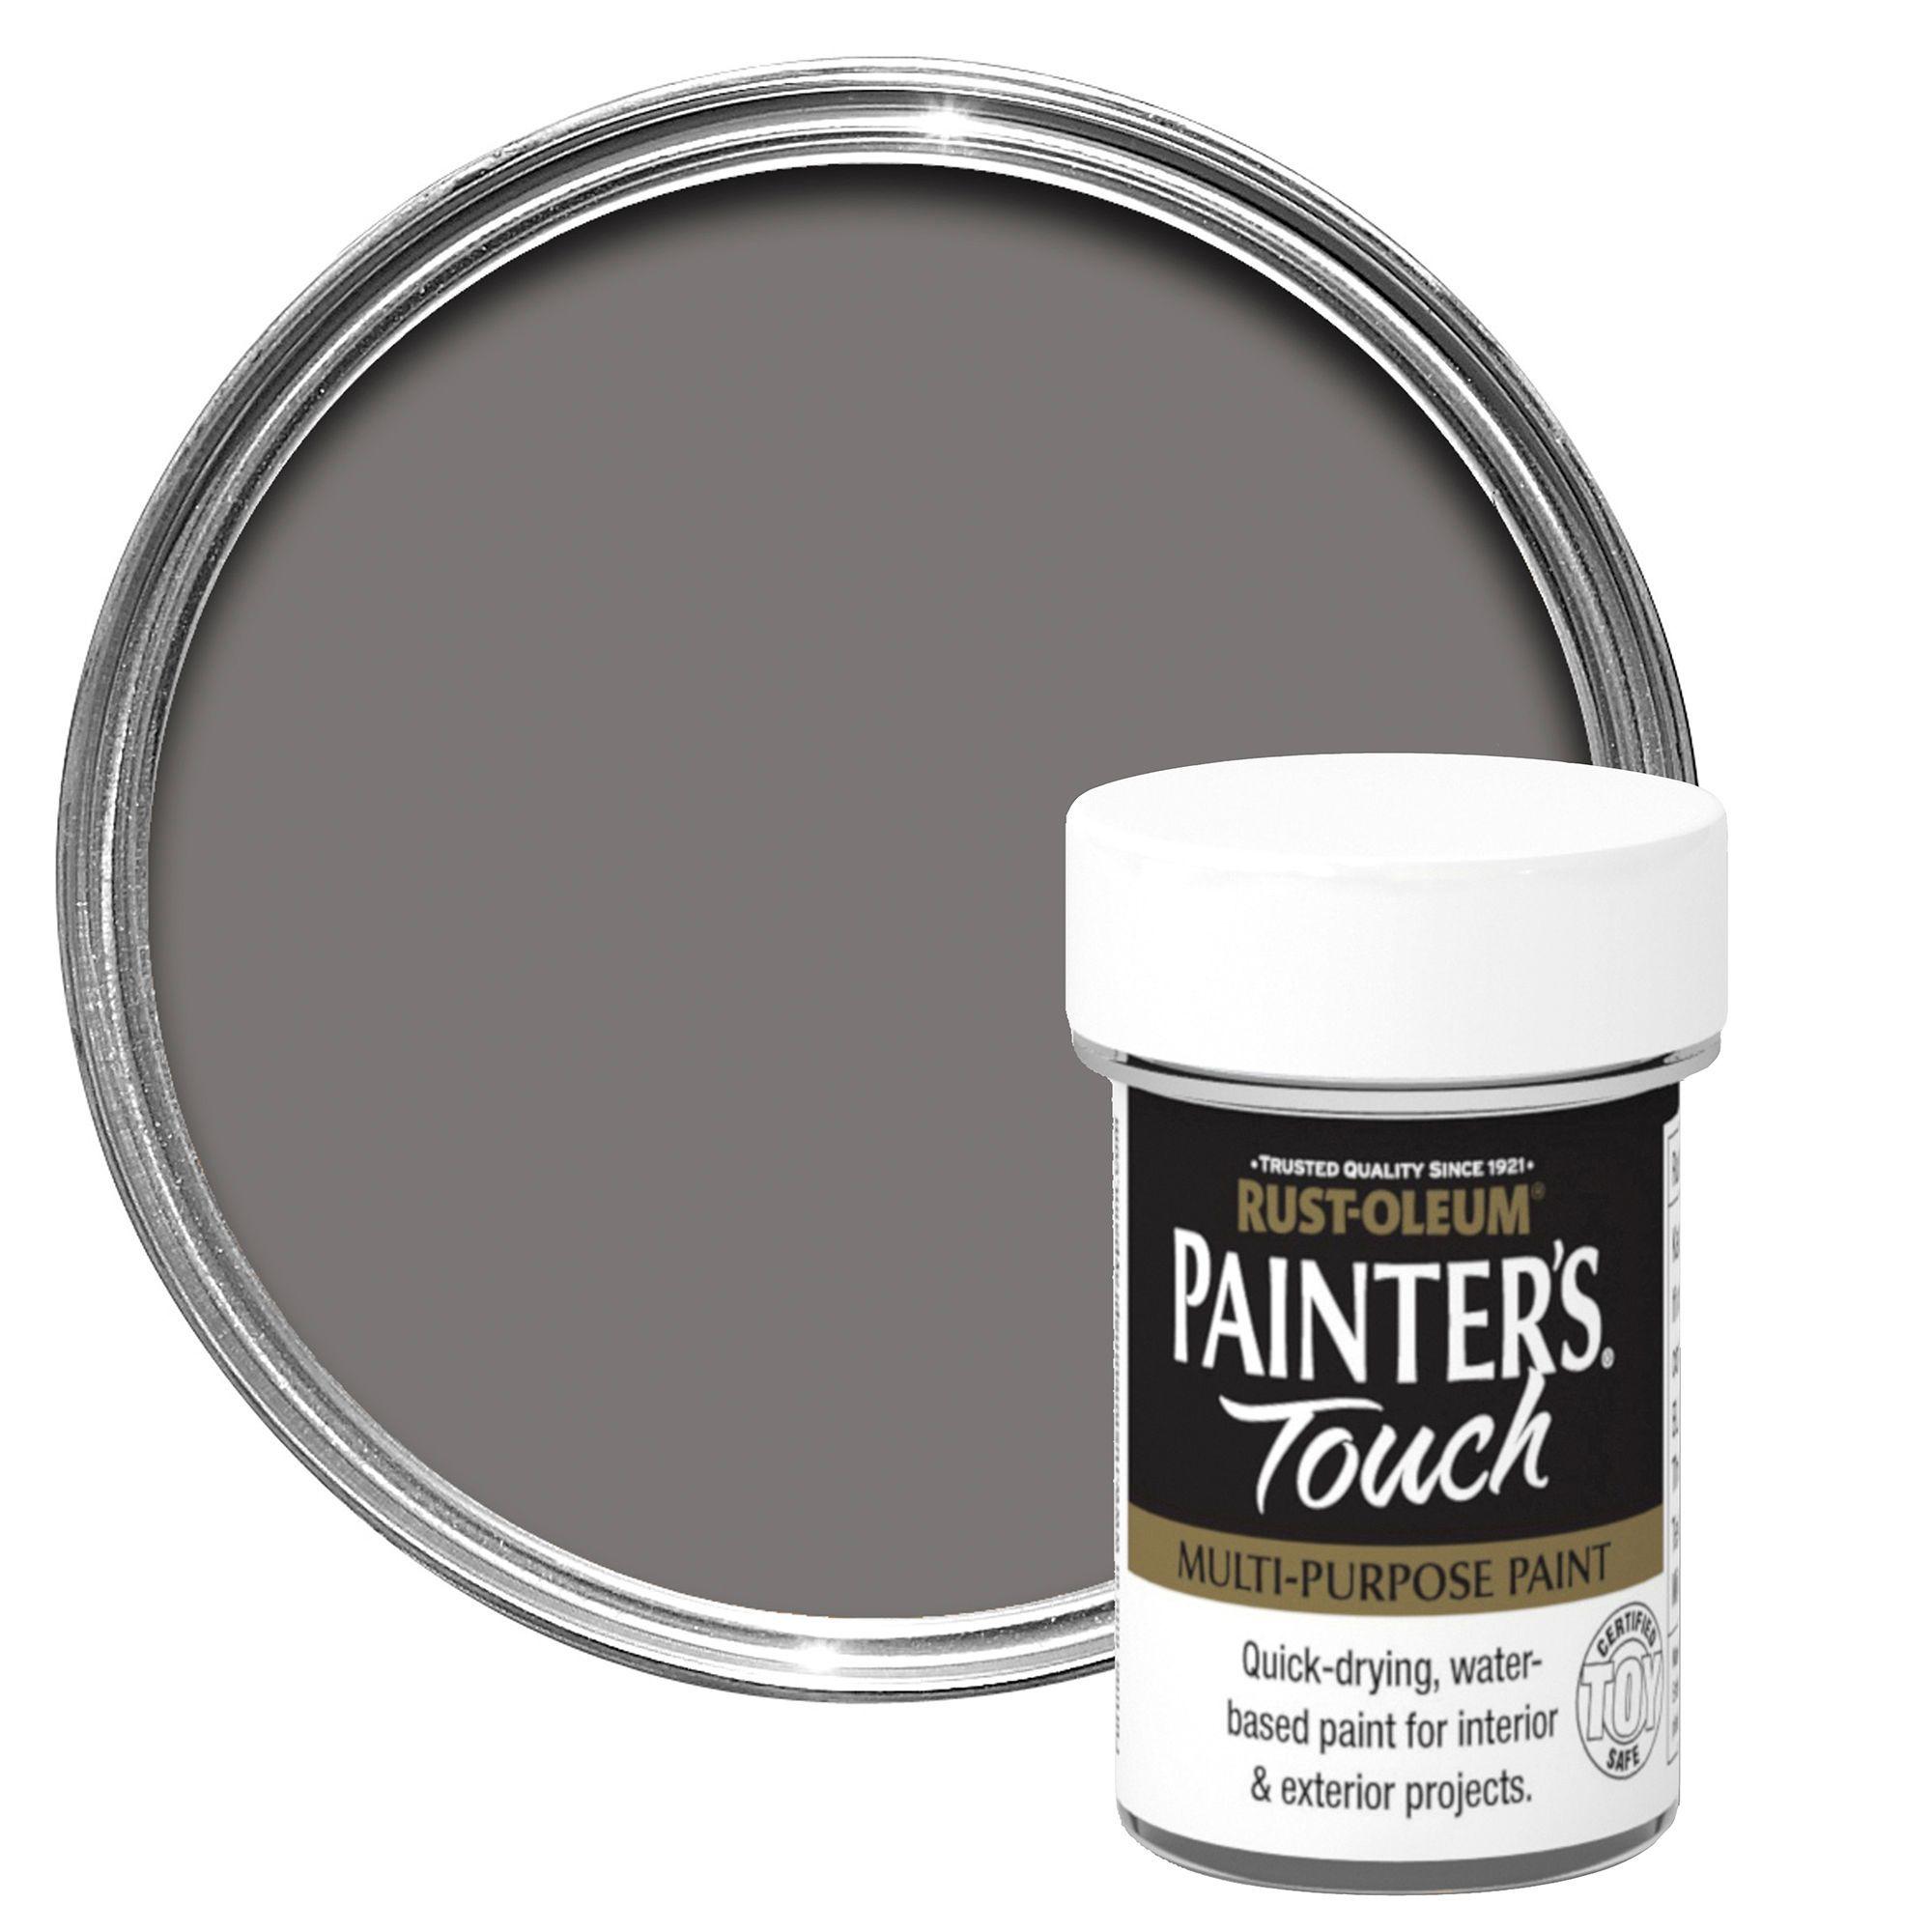 Rust-oleum Painter's Touch Interior & Exterior Pewter Metallic Multipurpose Paint 20ml